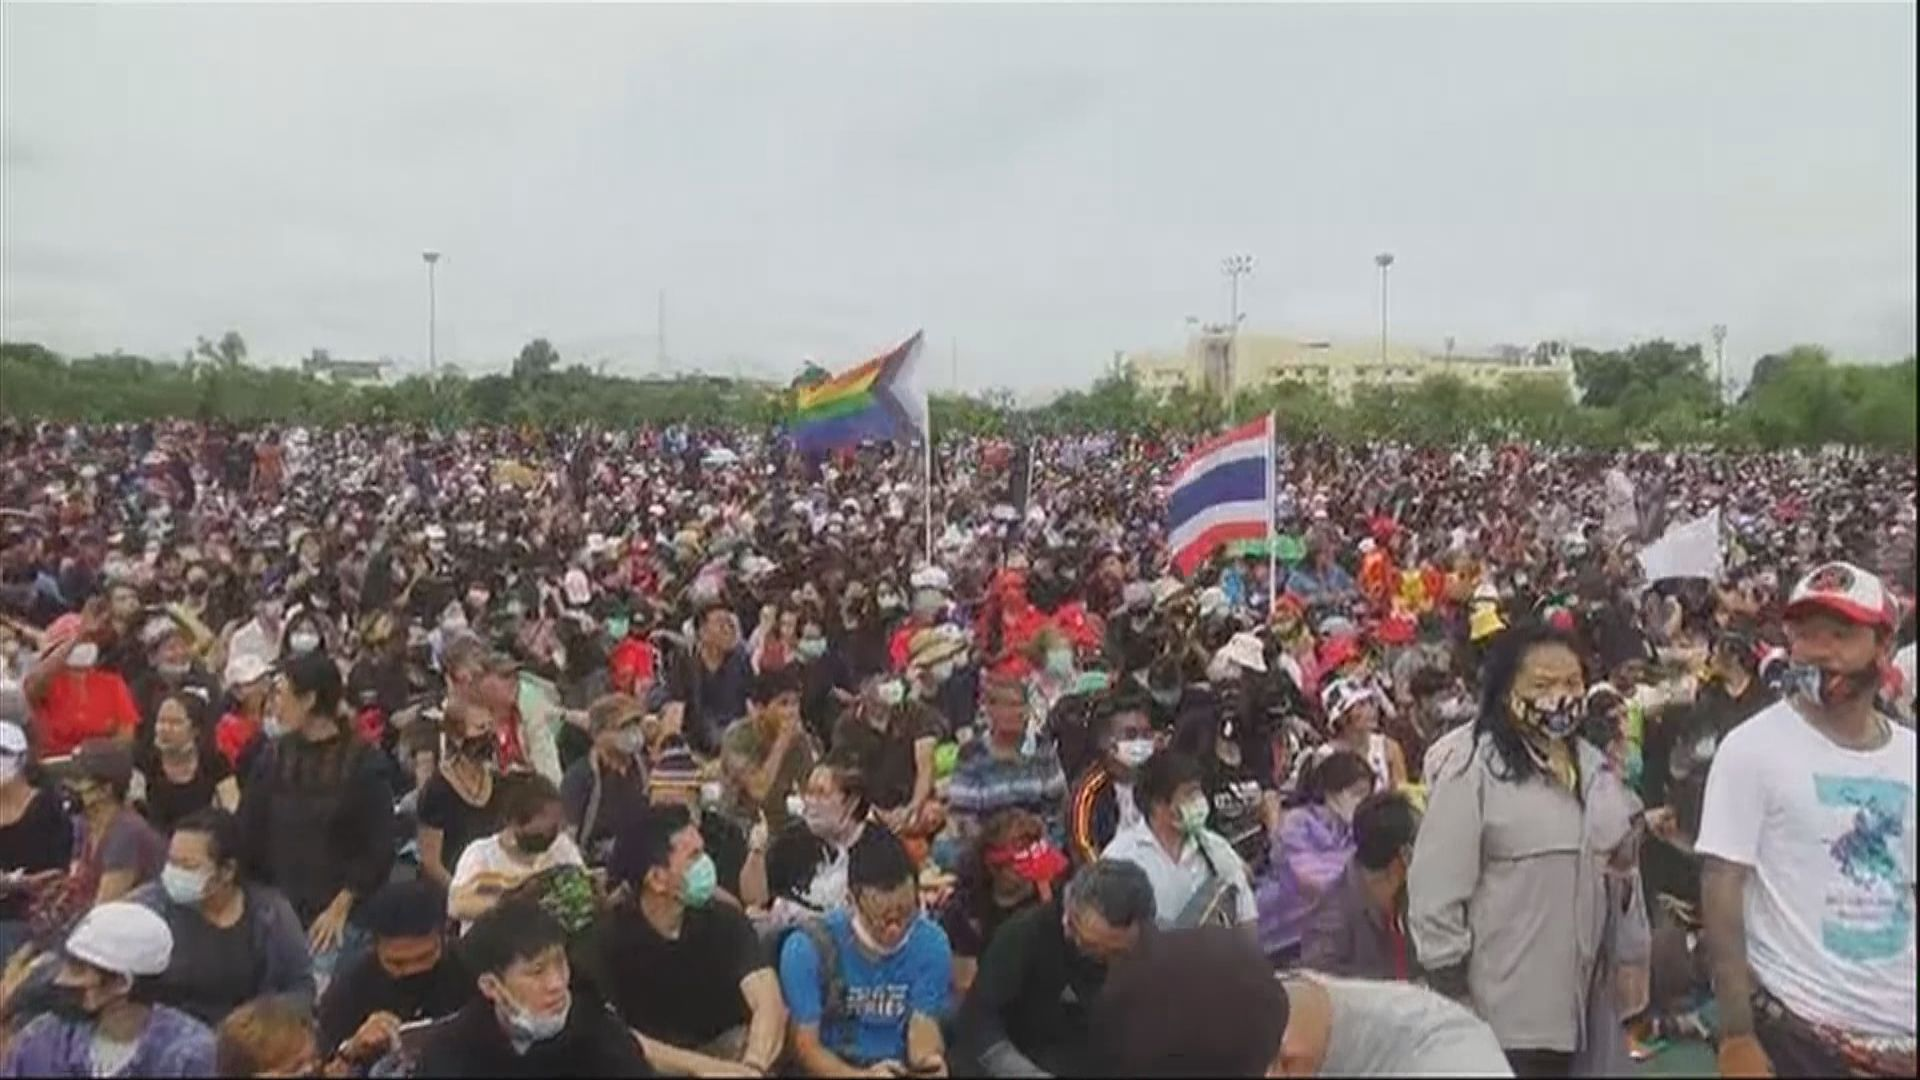 曼谷周末反政府集會 示威者逼近大王宮範圍